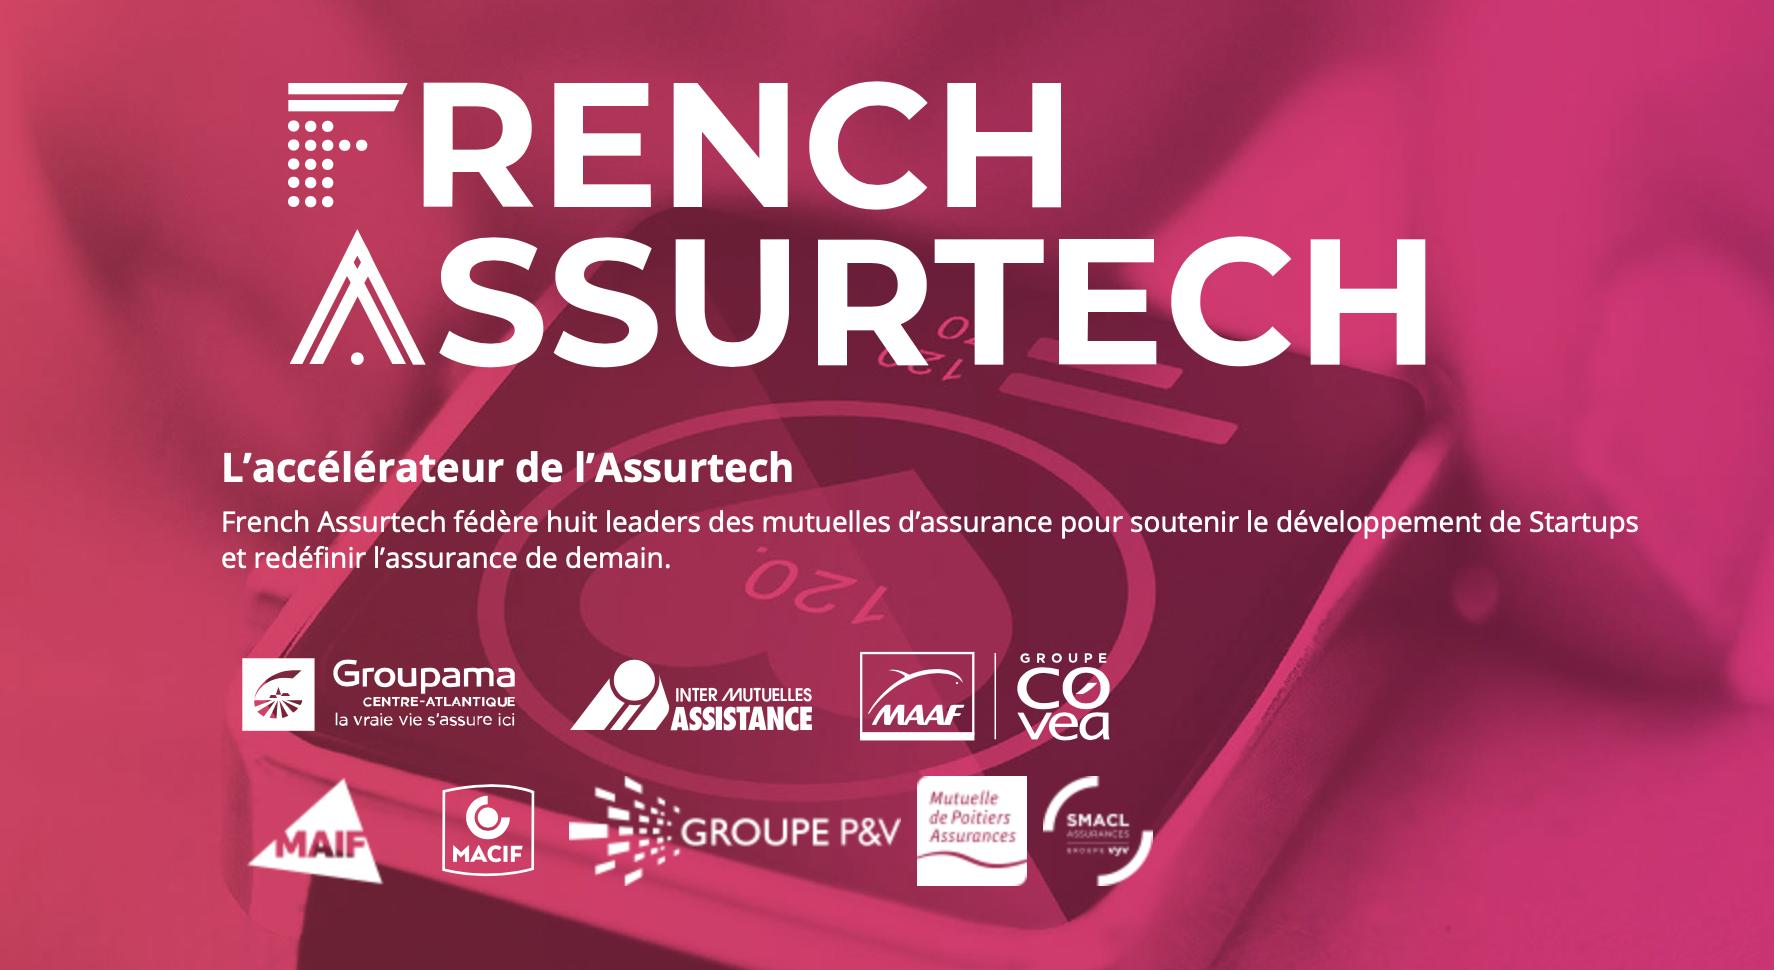 Testamento sélectionné par l'accélérateur French AssurTech